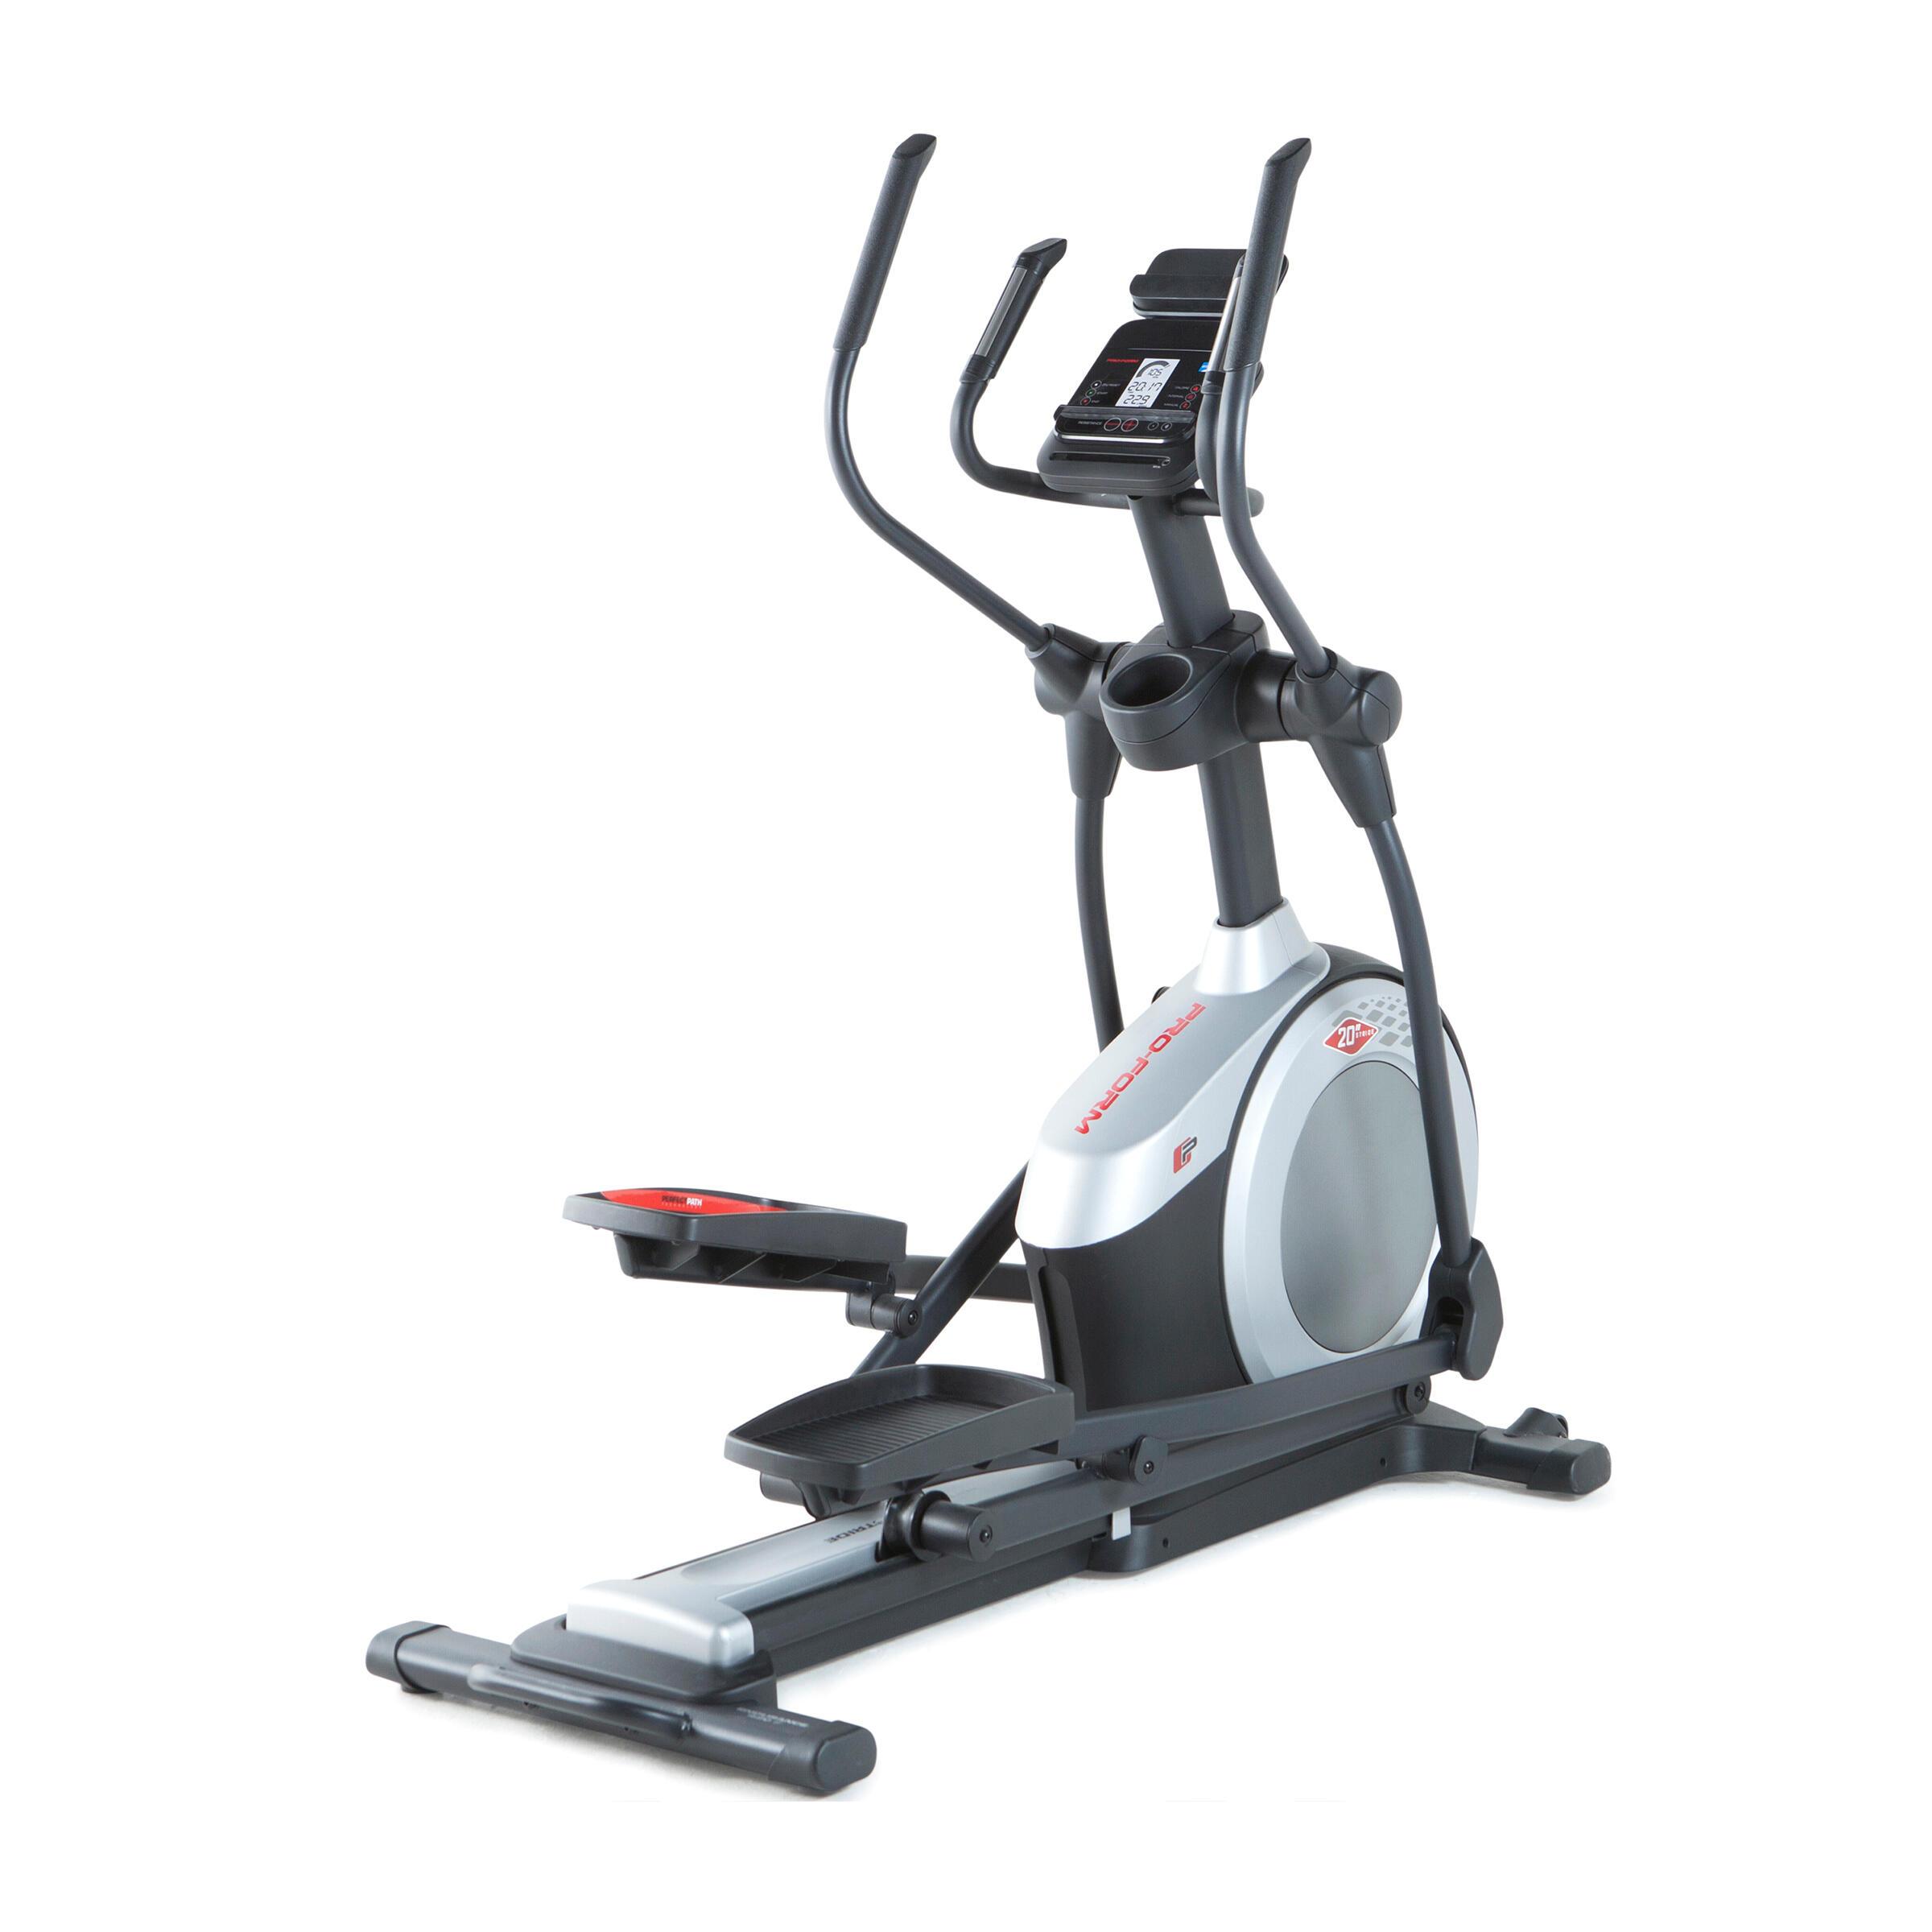 Bicicleta Elíptica Proform Endurance 420E